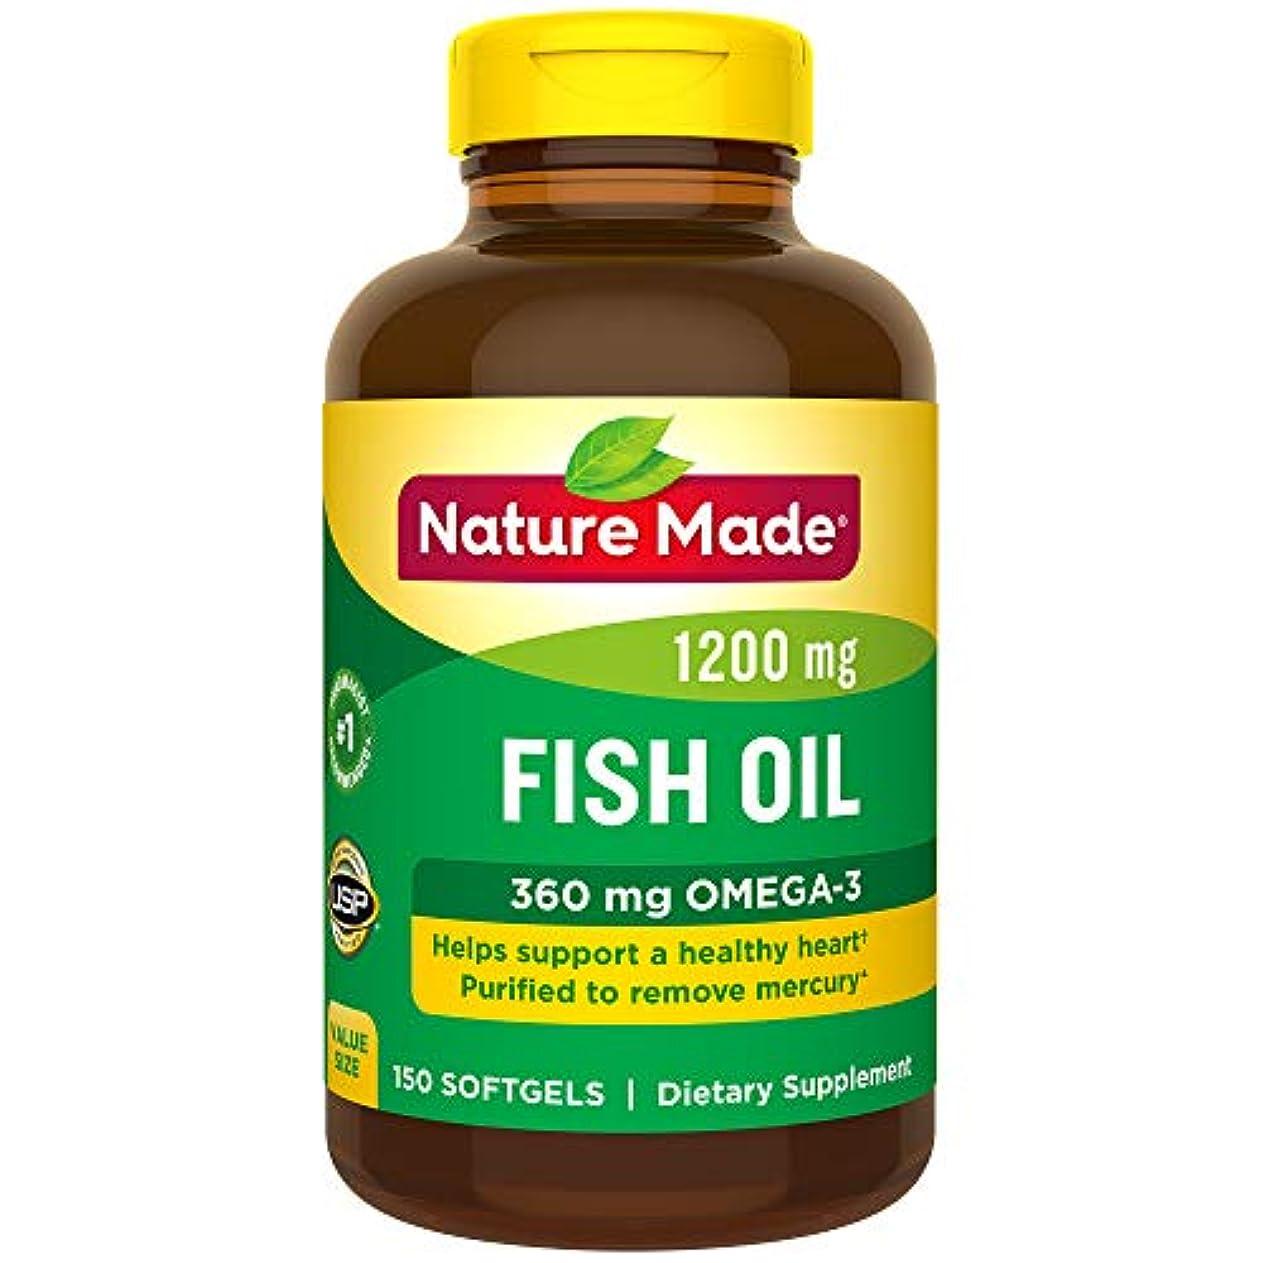 予定描写豊富にネイチャーメイド Nature Made フィッシュオイル オメガ3 サプリメント ソフトジェル 150粒 [並行輸入]